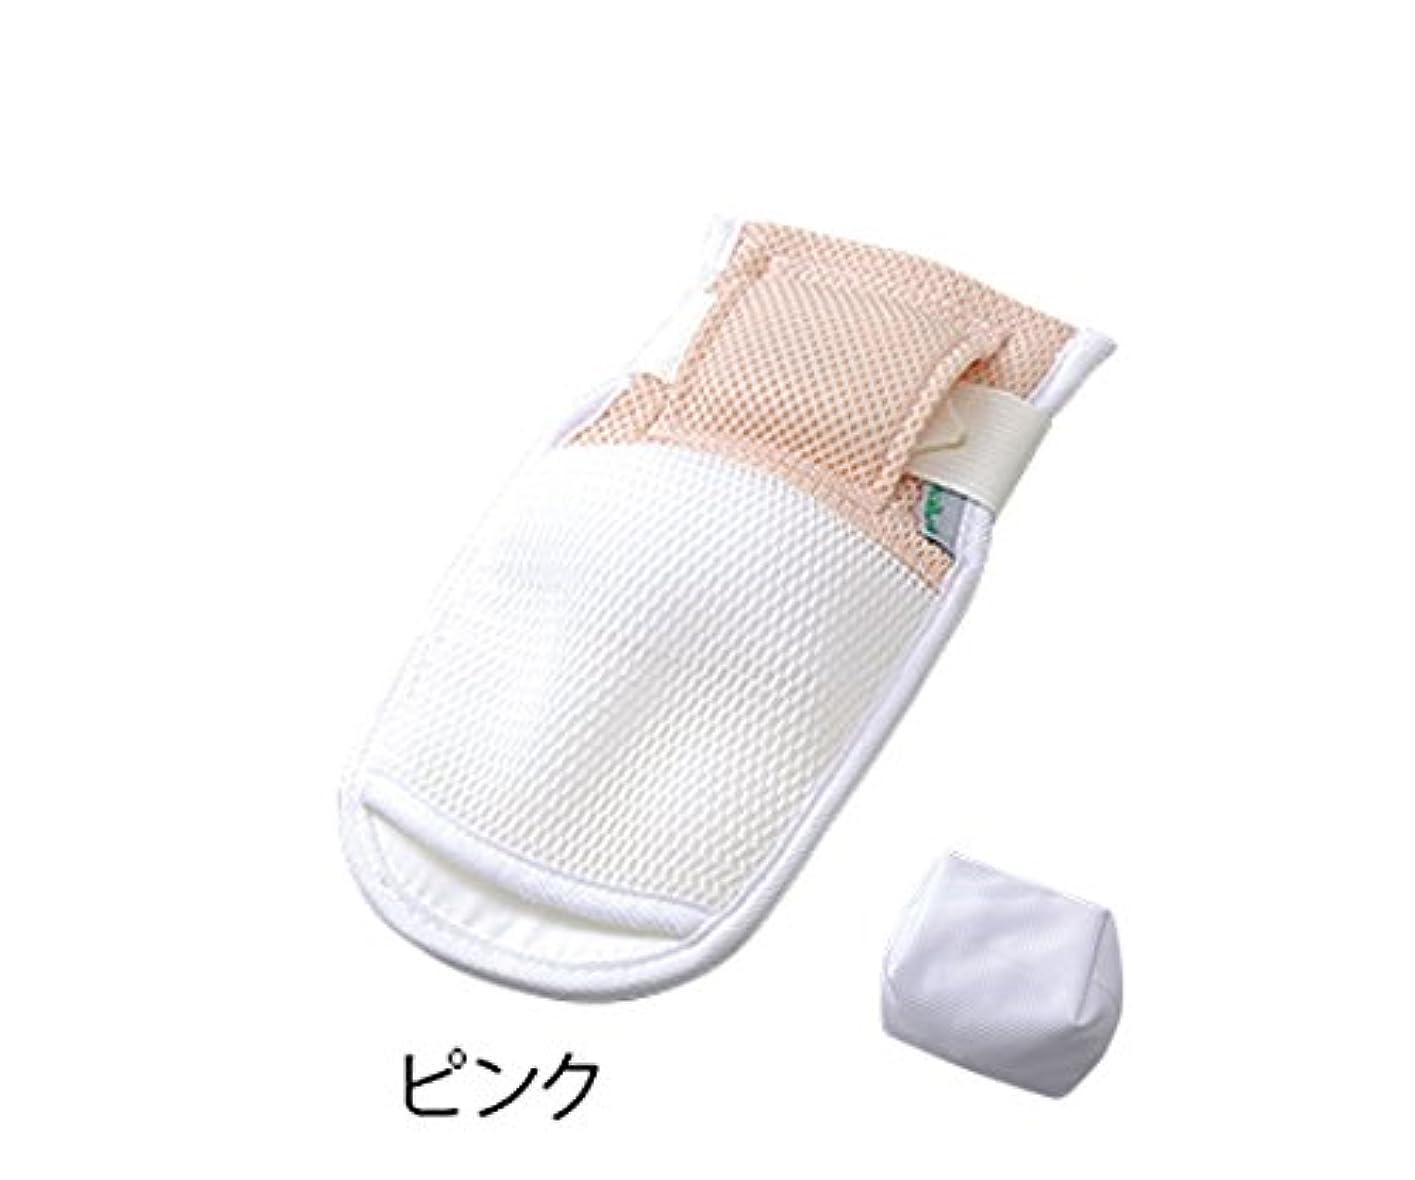 目に見える個人的な事件、出来事ナビス(アズワン)8-2153-05抜管防止手袋TMT-SPPピンク295×145mm